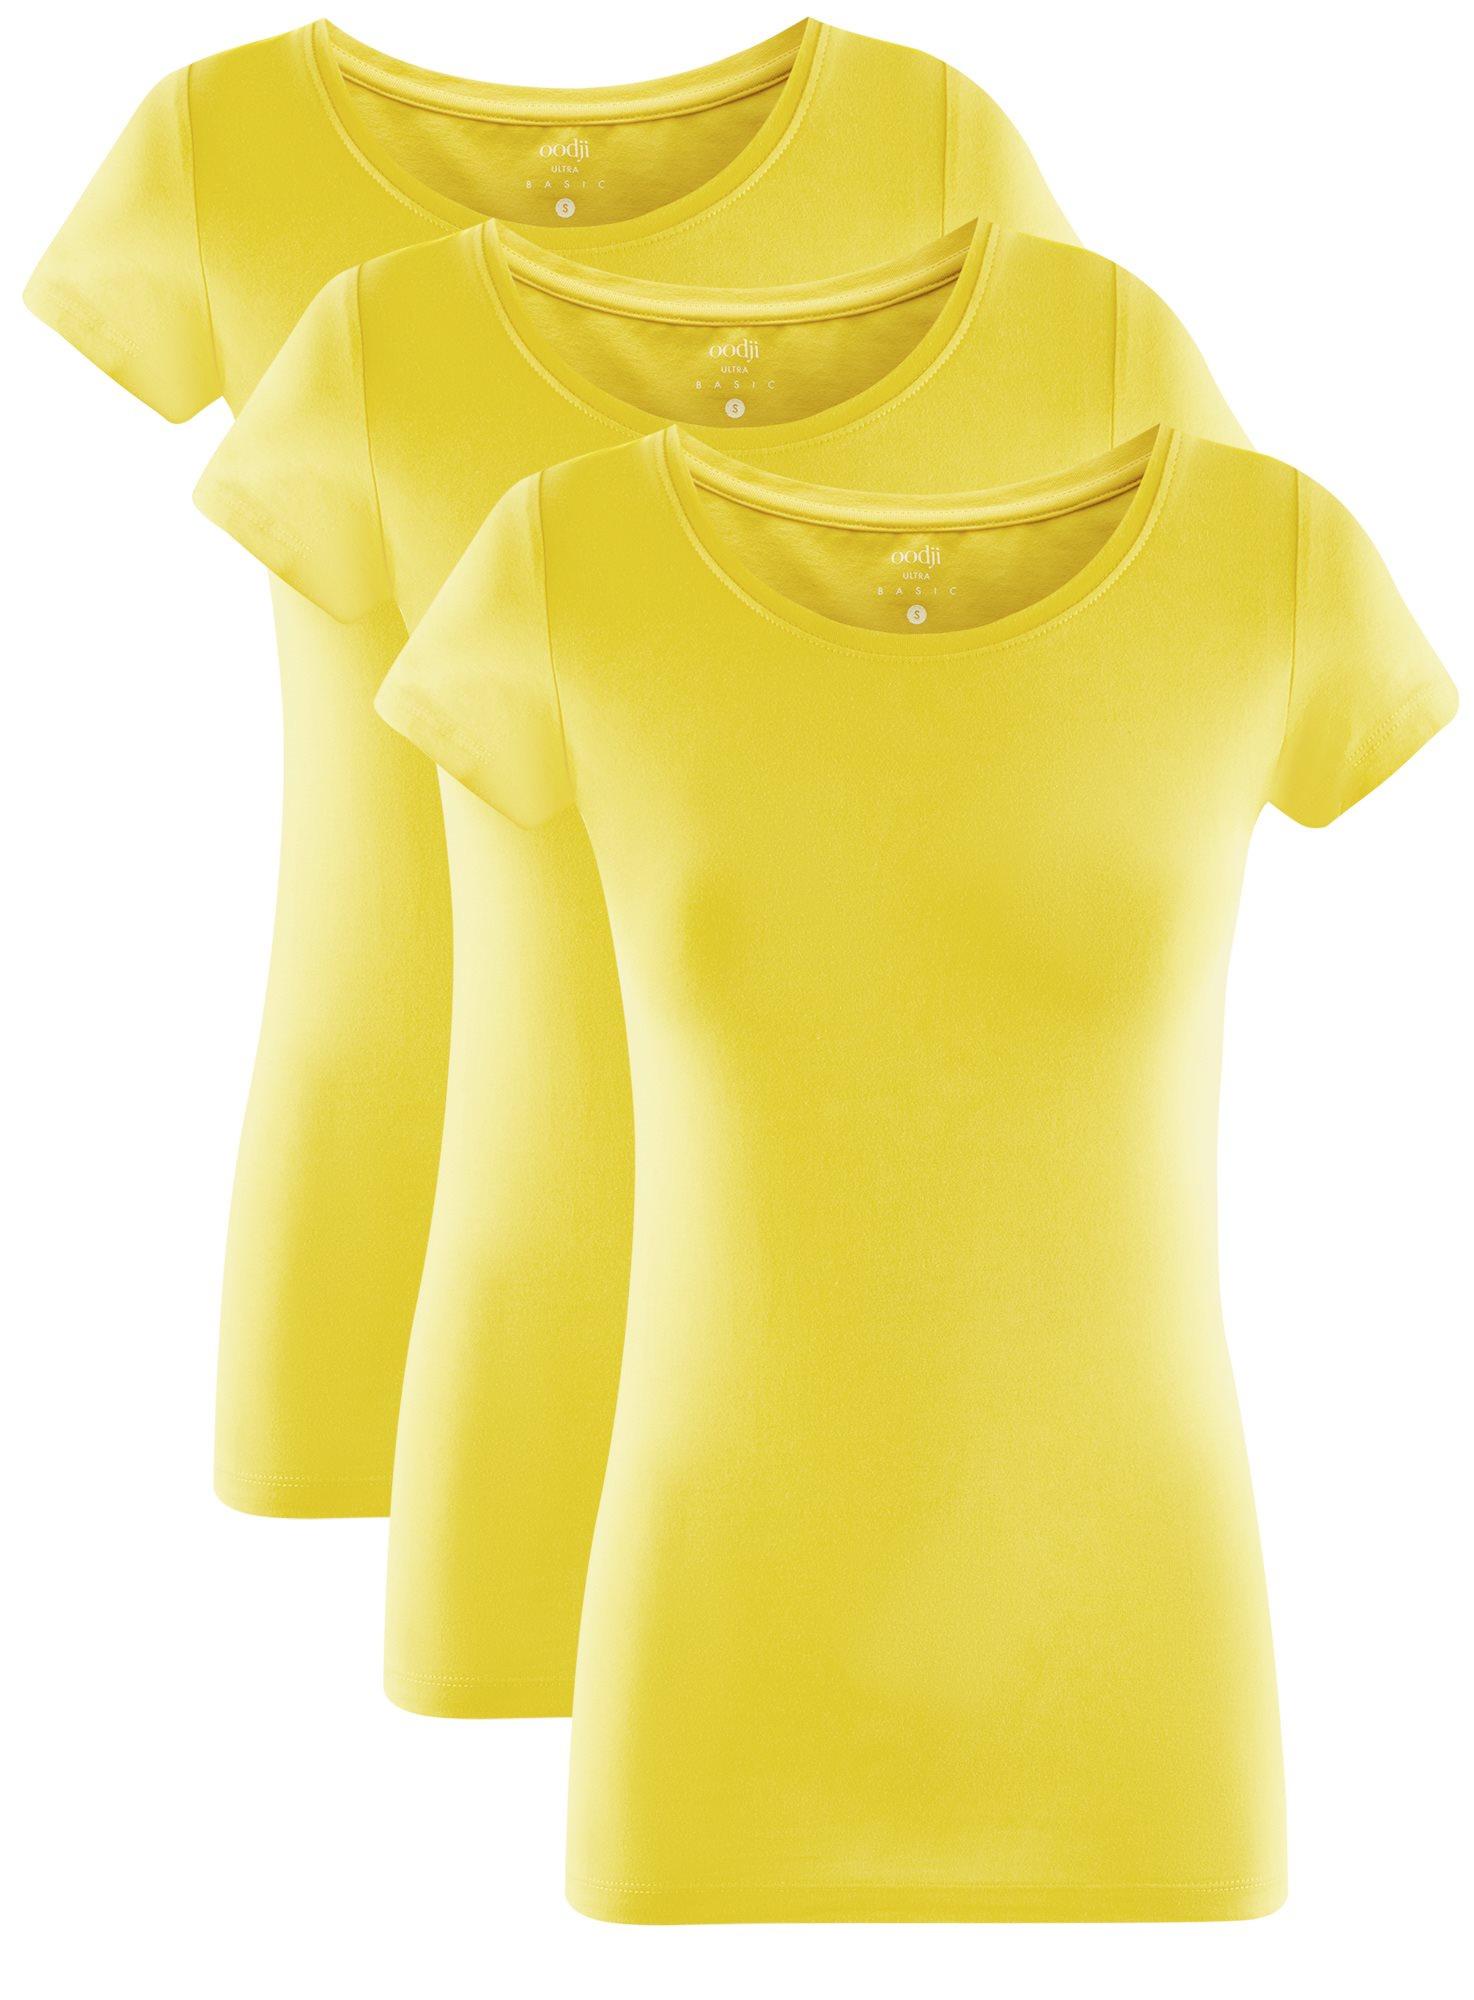 Футболка базовая приталенная (комплект из 3 штук) oodji для женщины (желтый), 14701005T3/46147/5100N